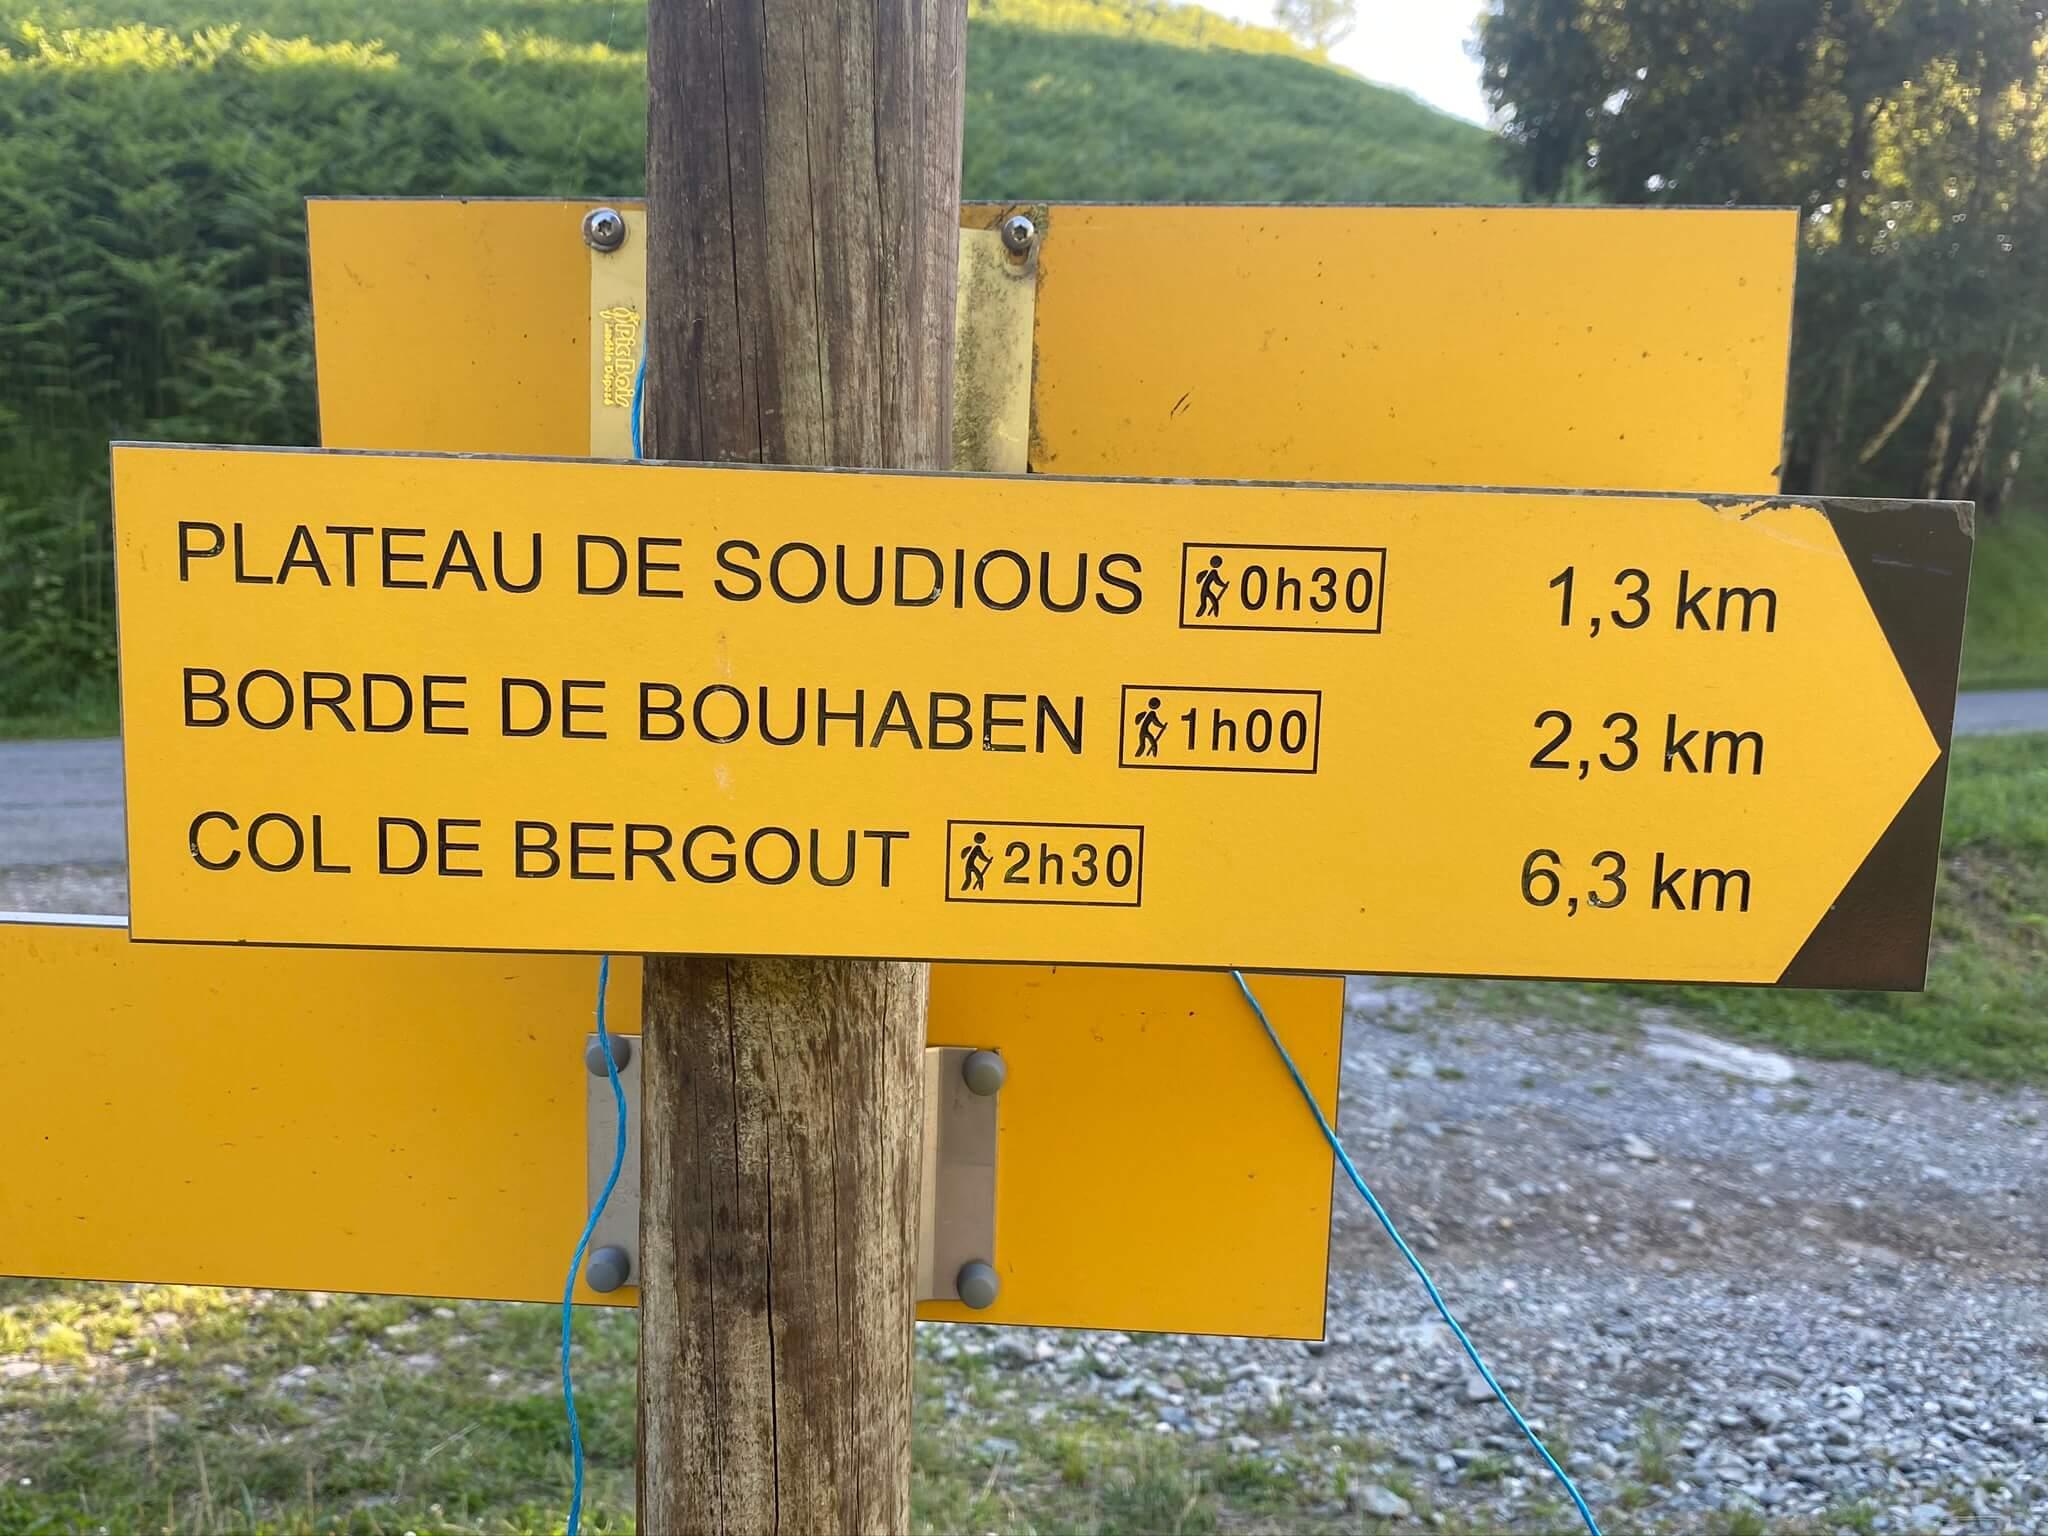 Si vous souhaitez prolonger votre balade, grimpez au col de Bergout, d'où décollent les parapentistes